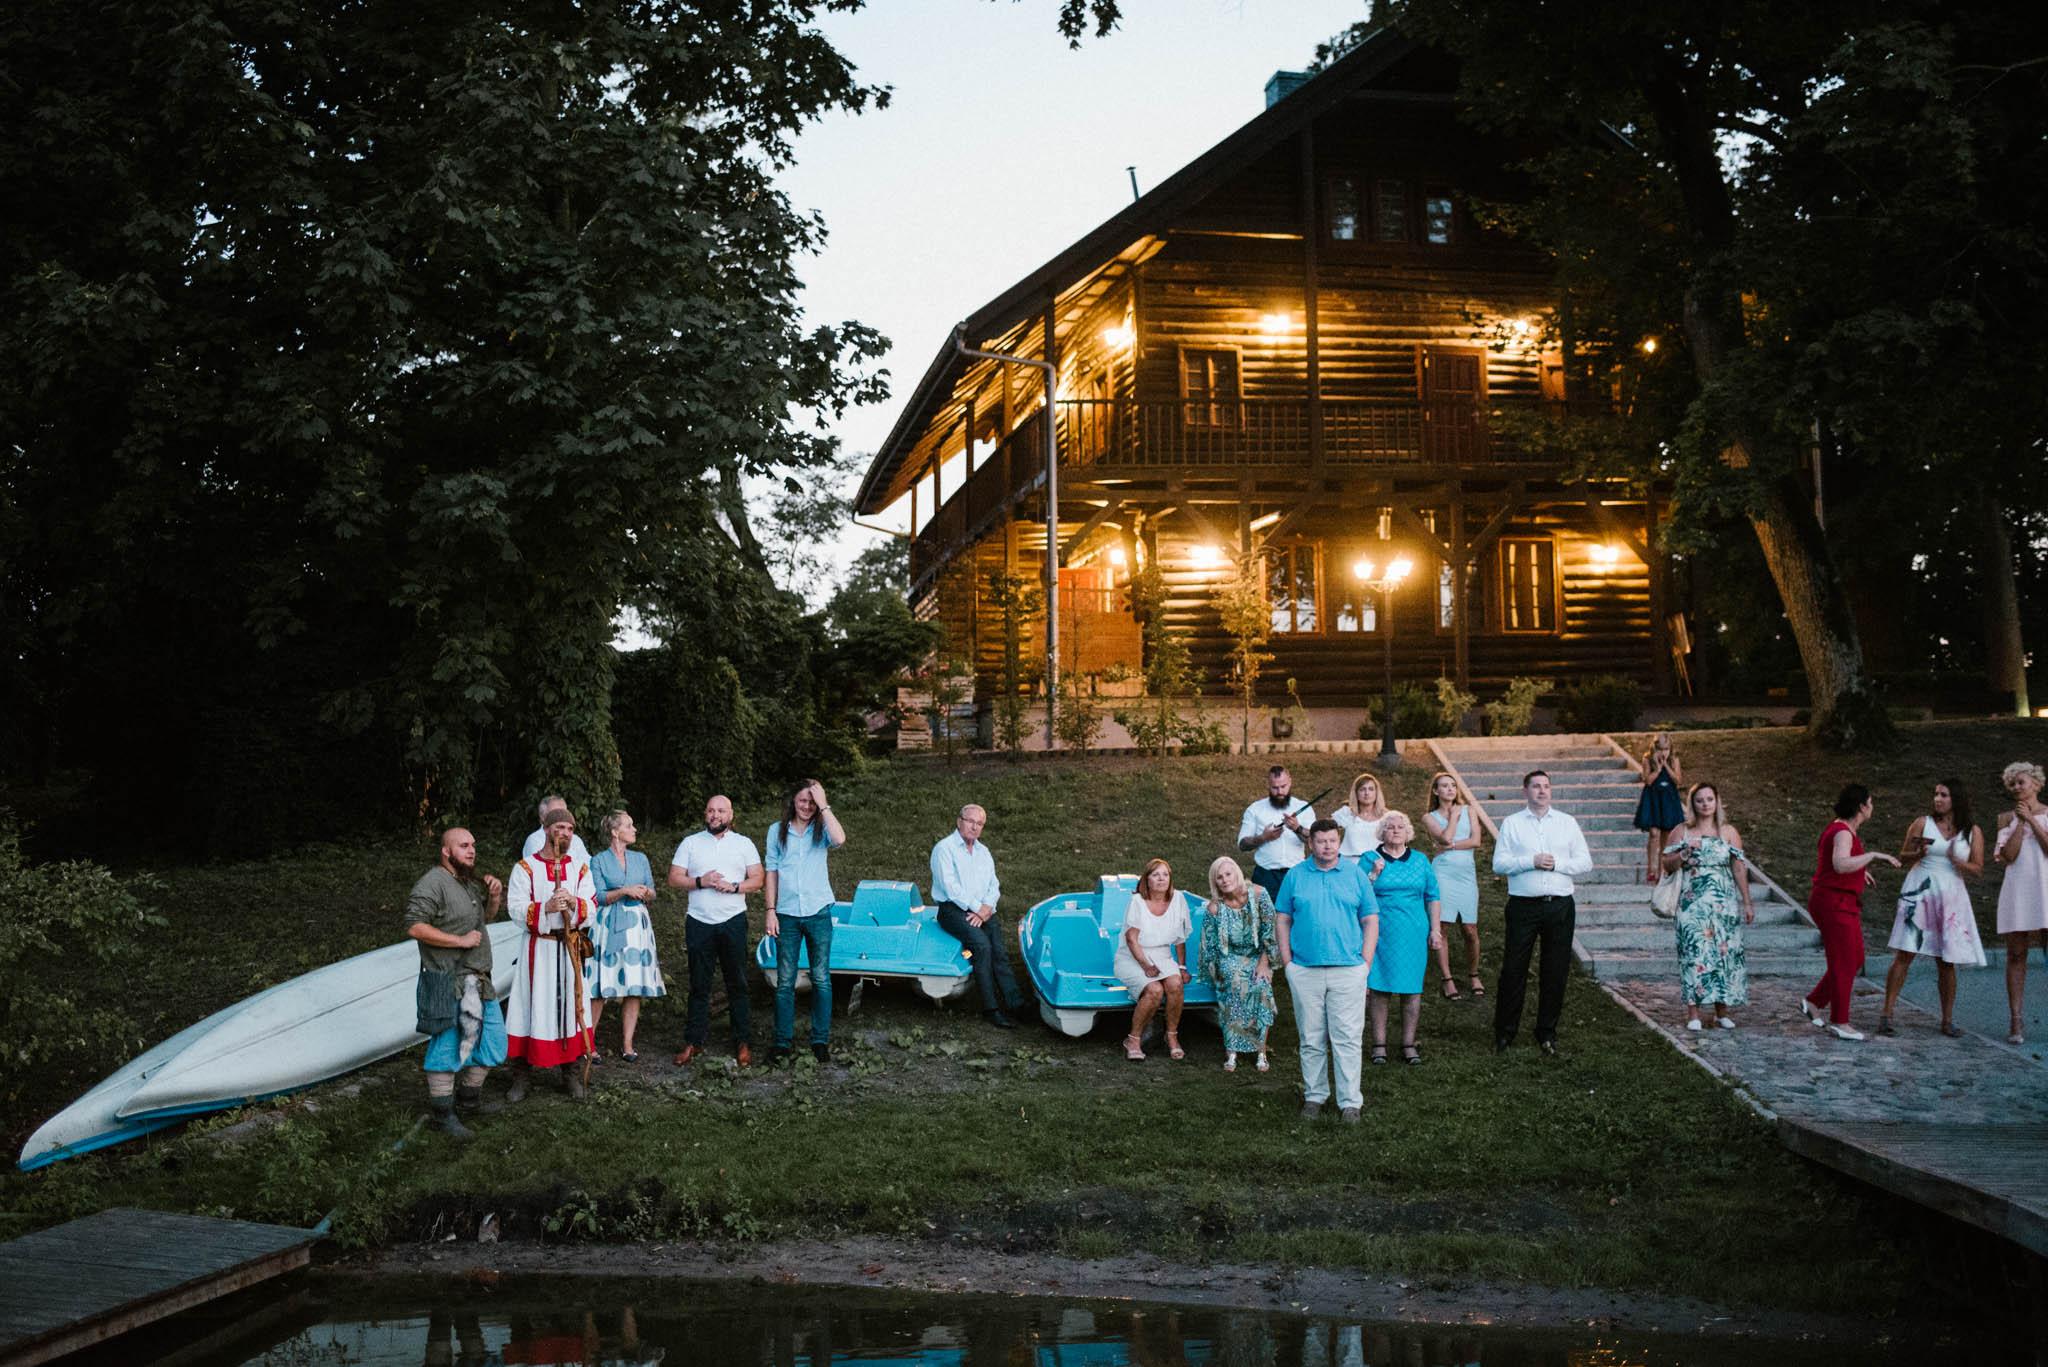 Goście obserwują stateczki na wodzie - sesja ślubna na Wyspie Św. Edwarda Zaniemyśl